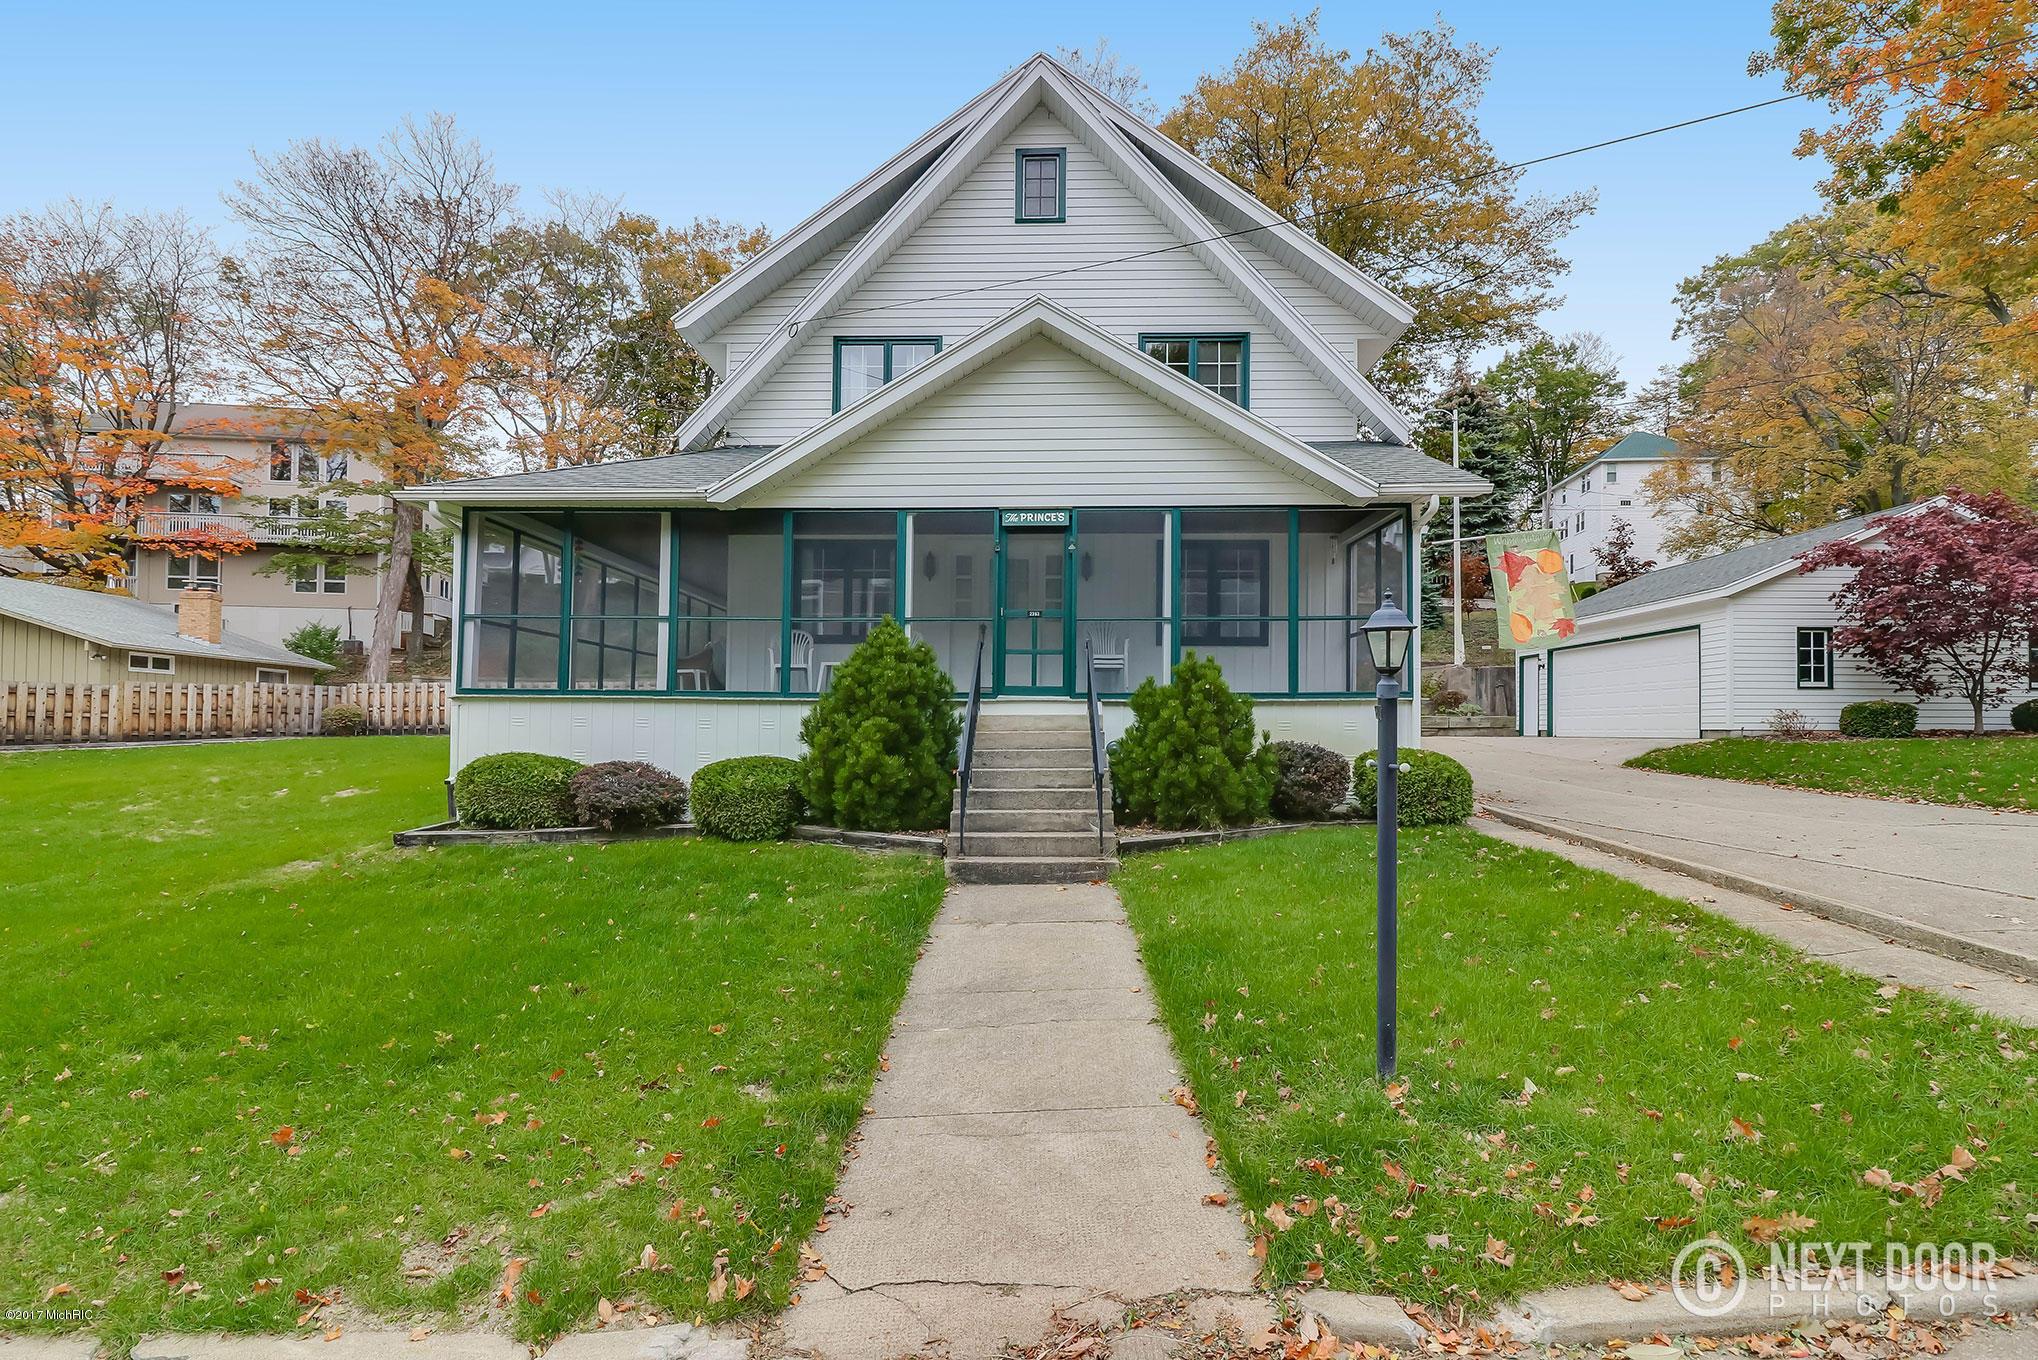 独户住宅 为 销售 在 2393 Valley 2393 Valley Macatawa, 密歇根州 49434 美国